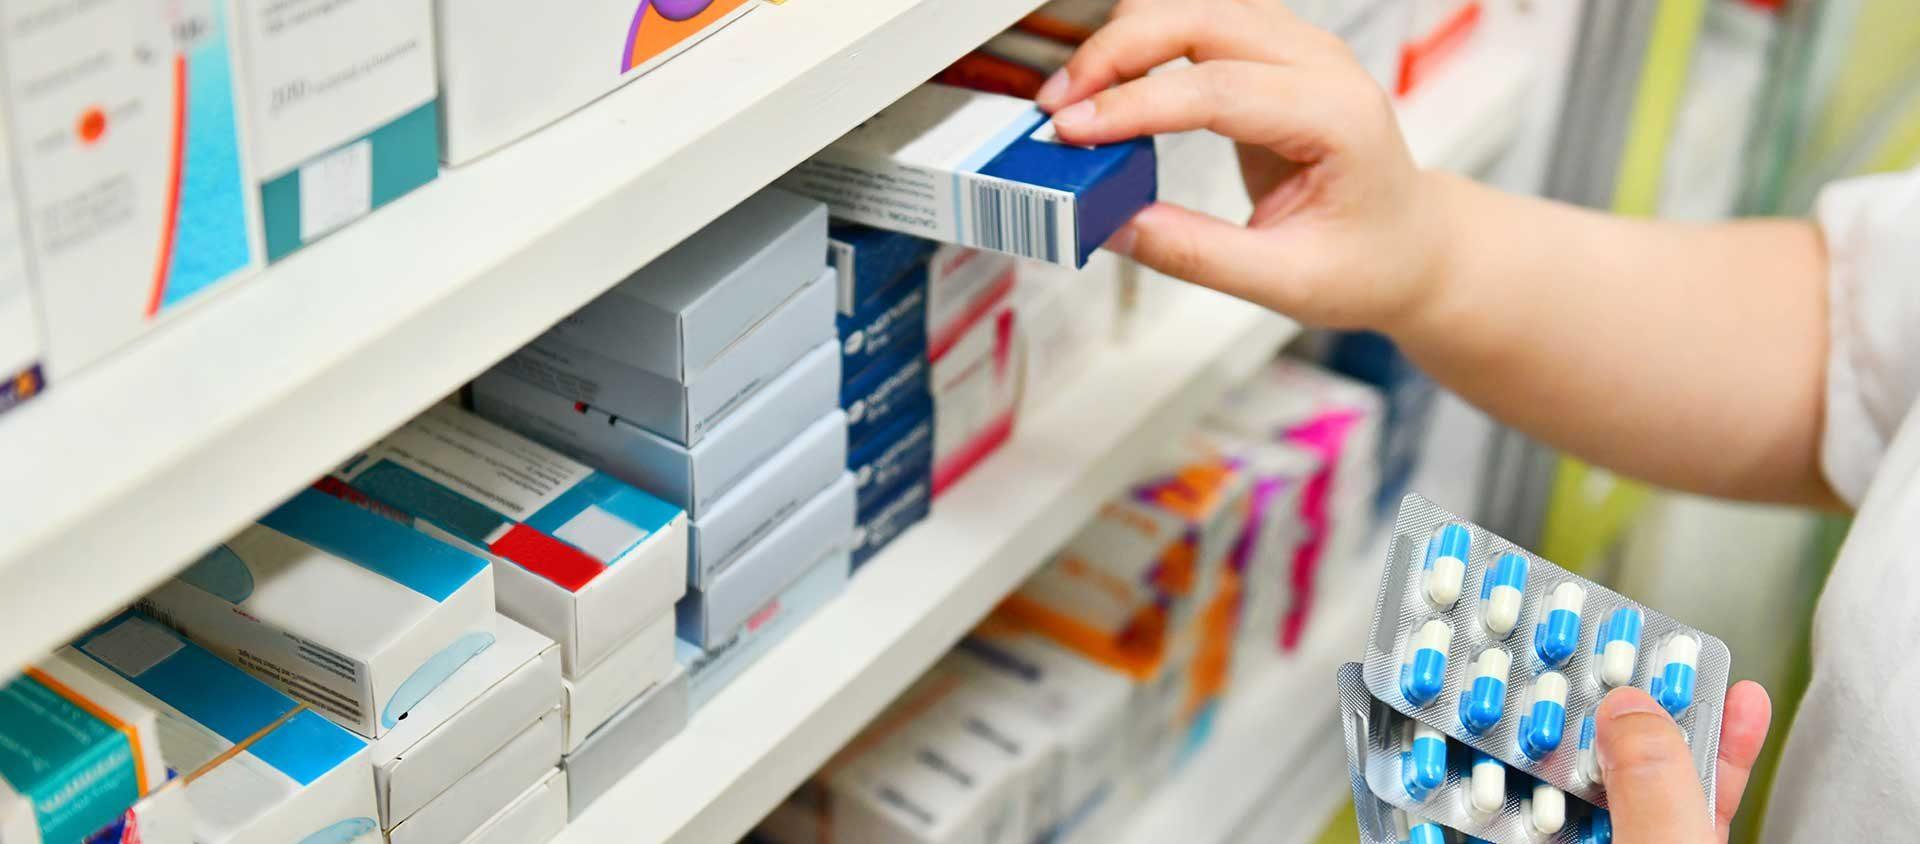 Genérico, Similar ou Referência: saiba a diferença entre remédios